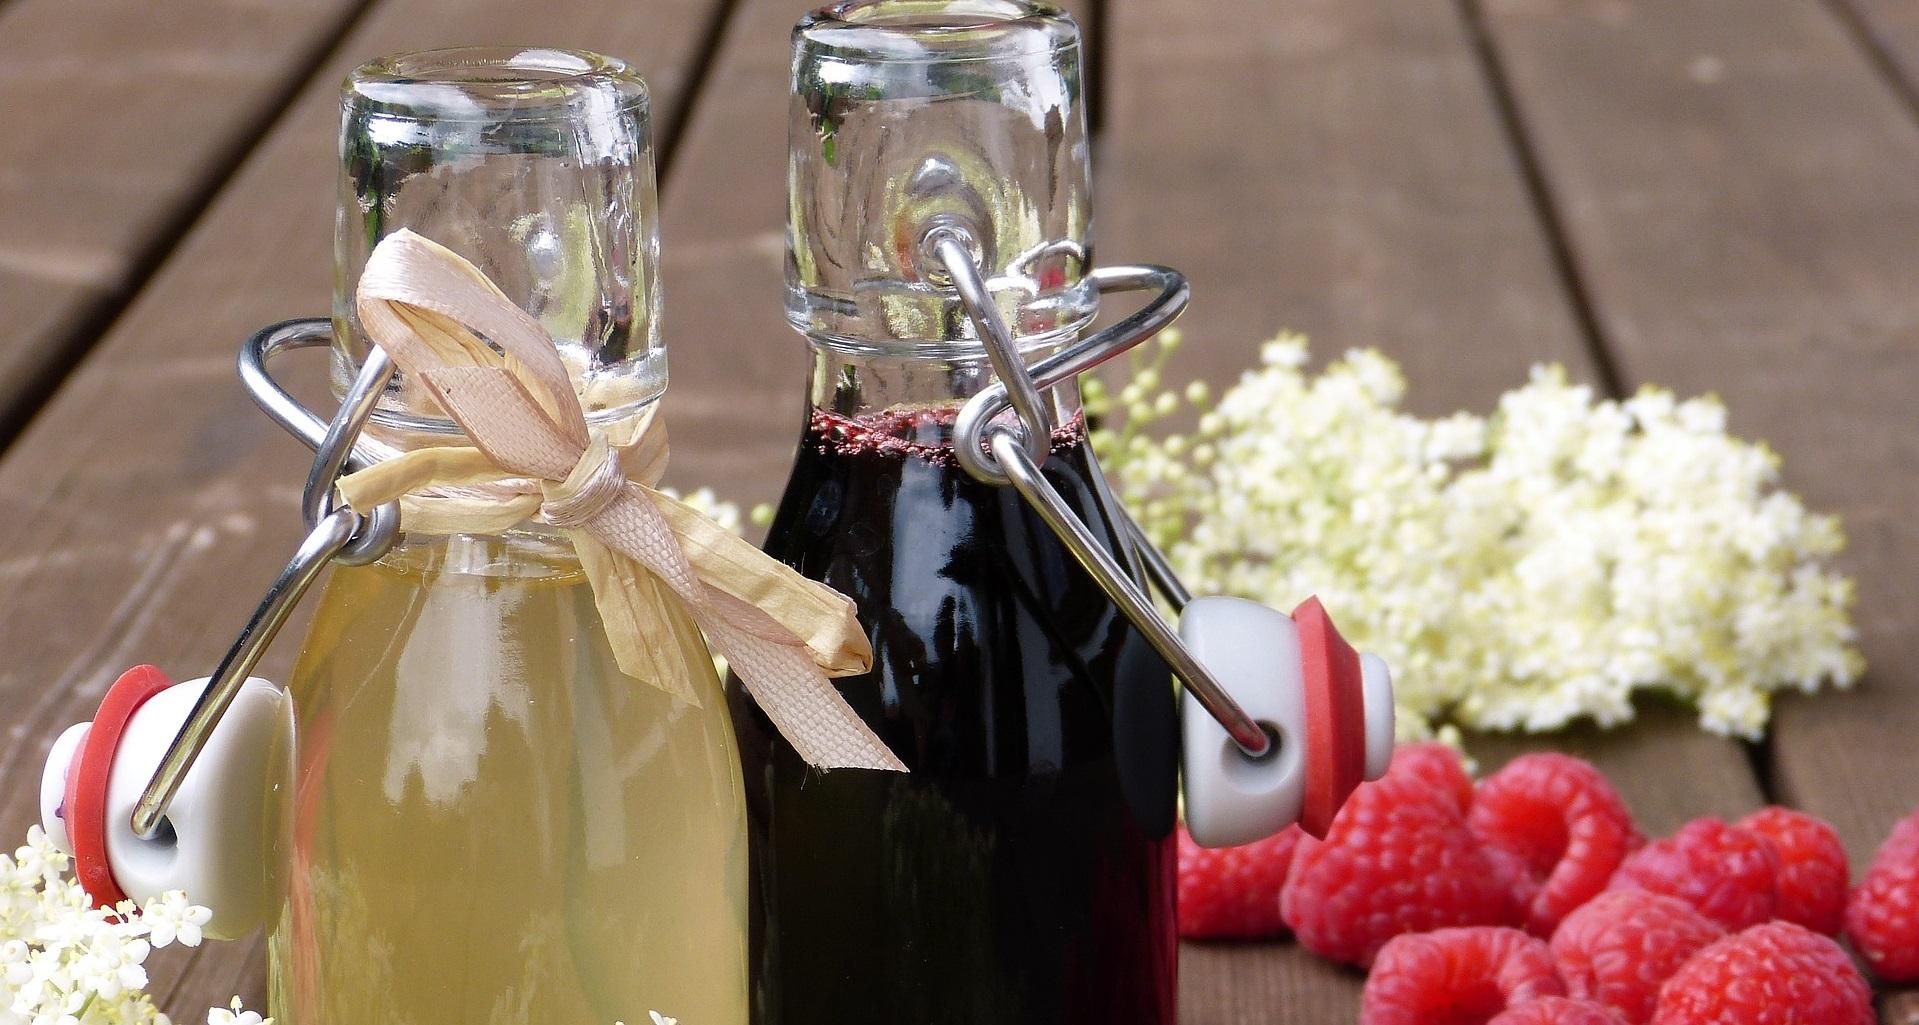 Koruzni sladkorni sirup ni zdrava izbira